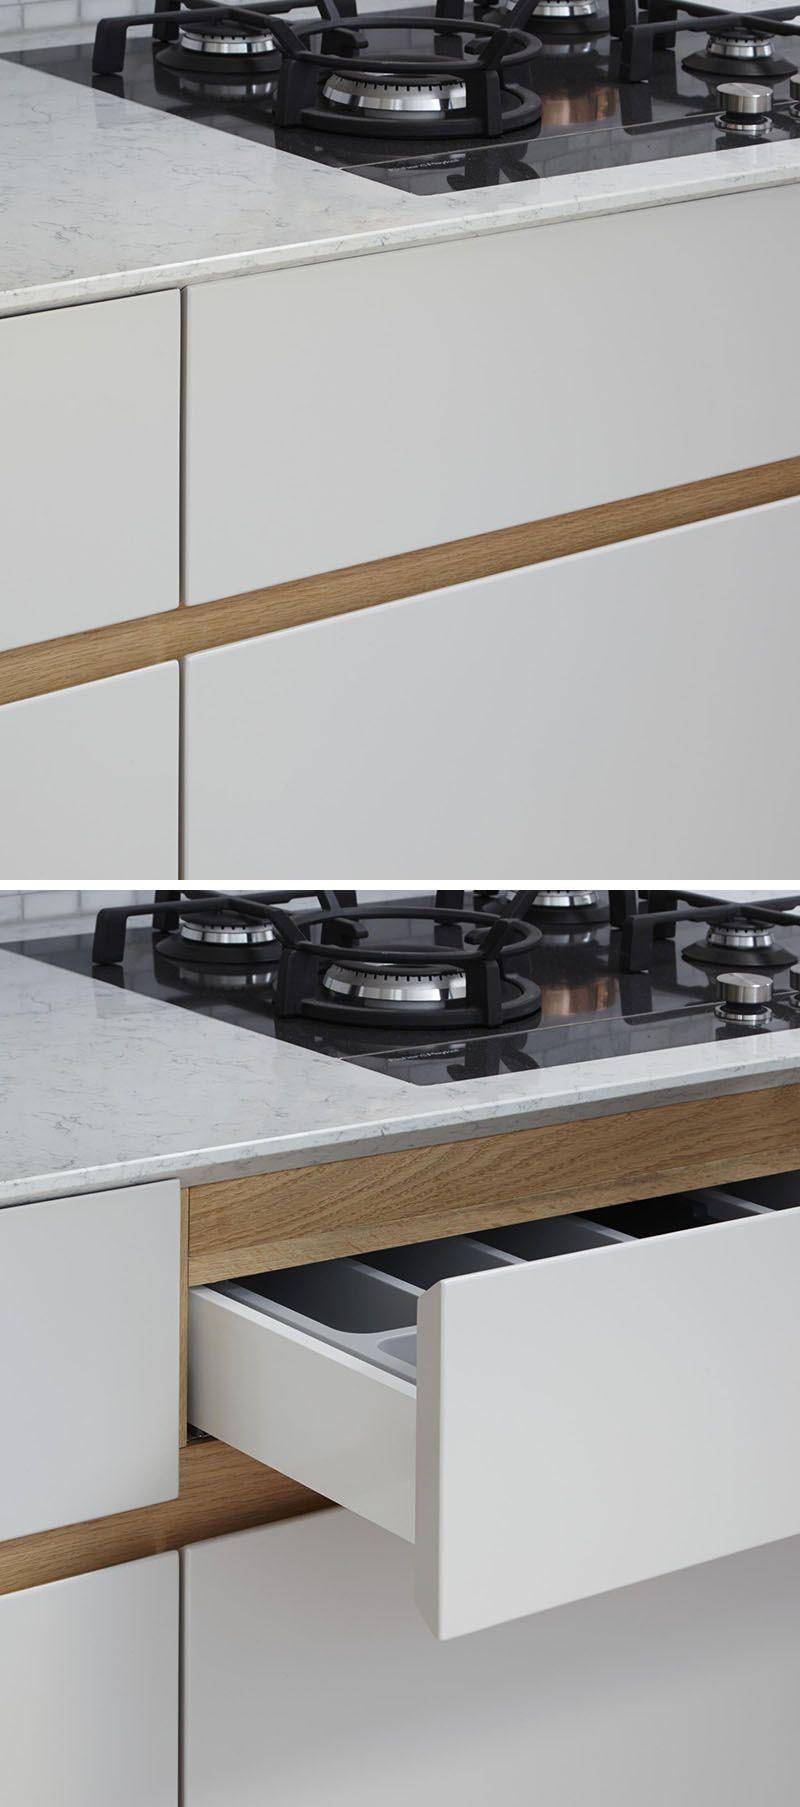 Kitchen Design Idea - Cabinet Hardware Alternatives | Küche